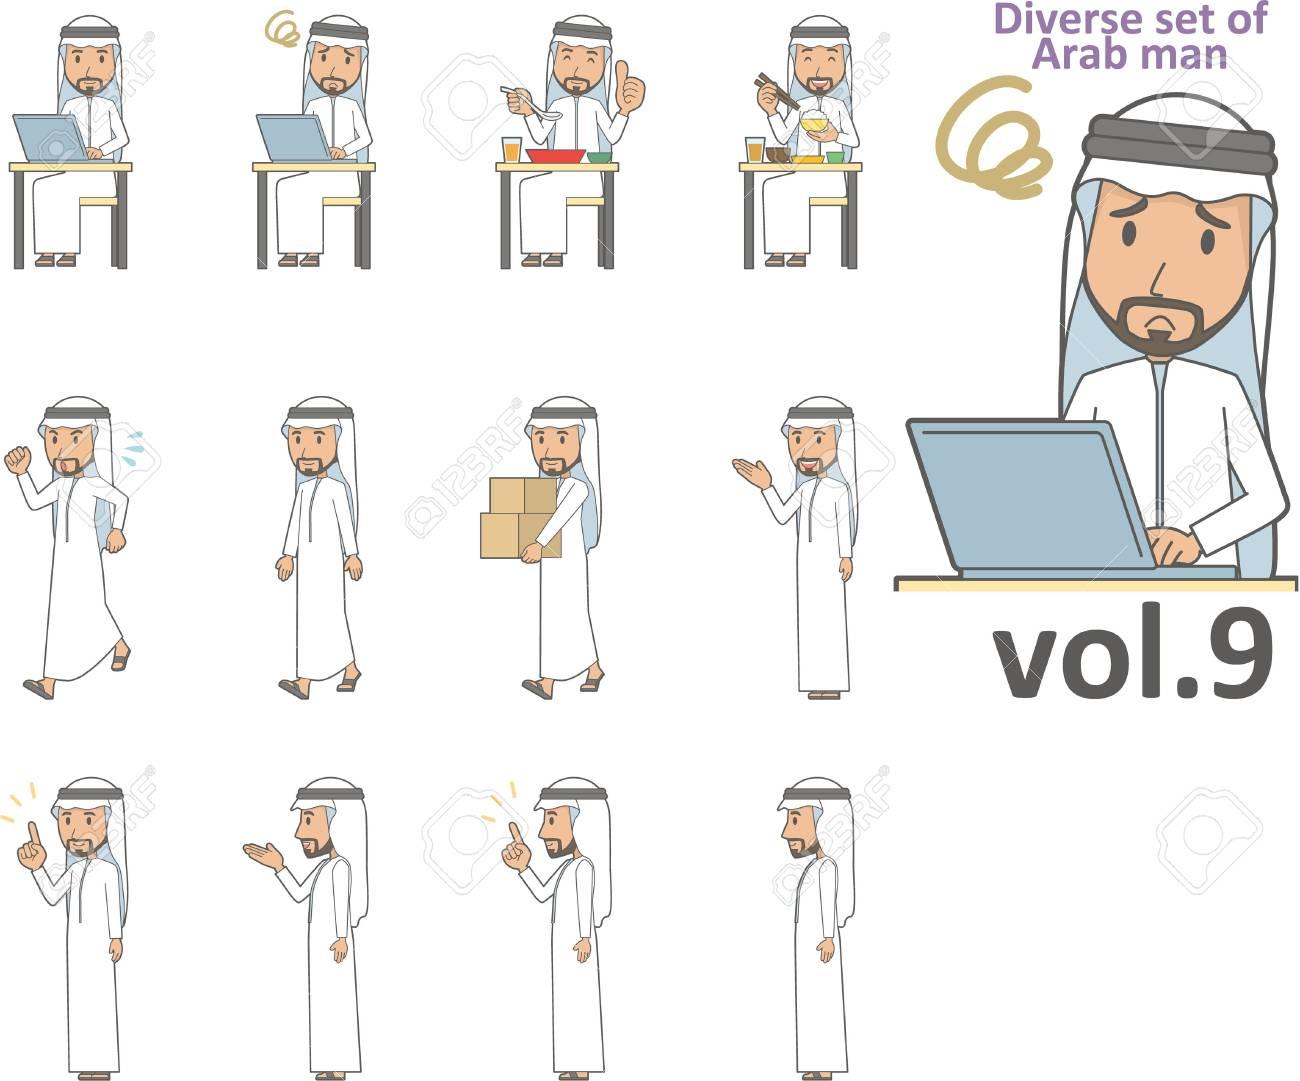 Diverse set of Arab man - 65349234